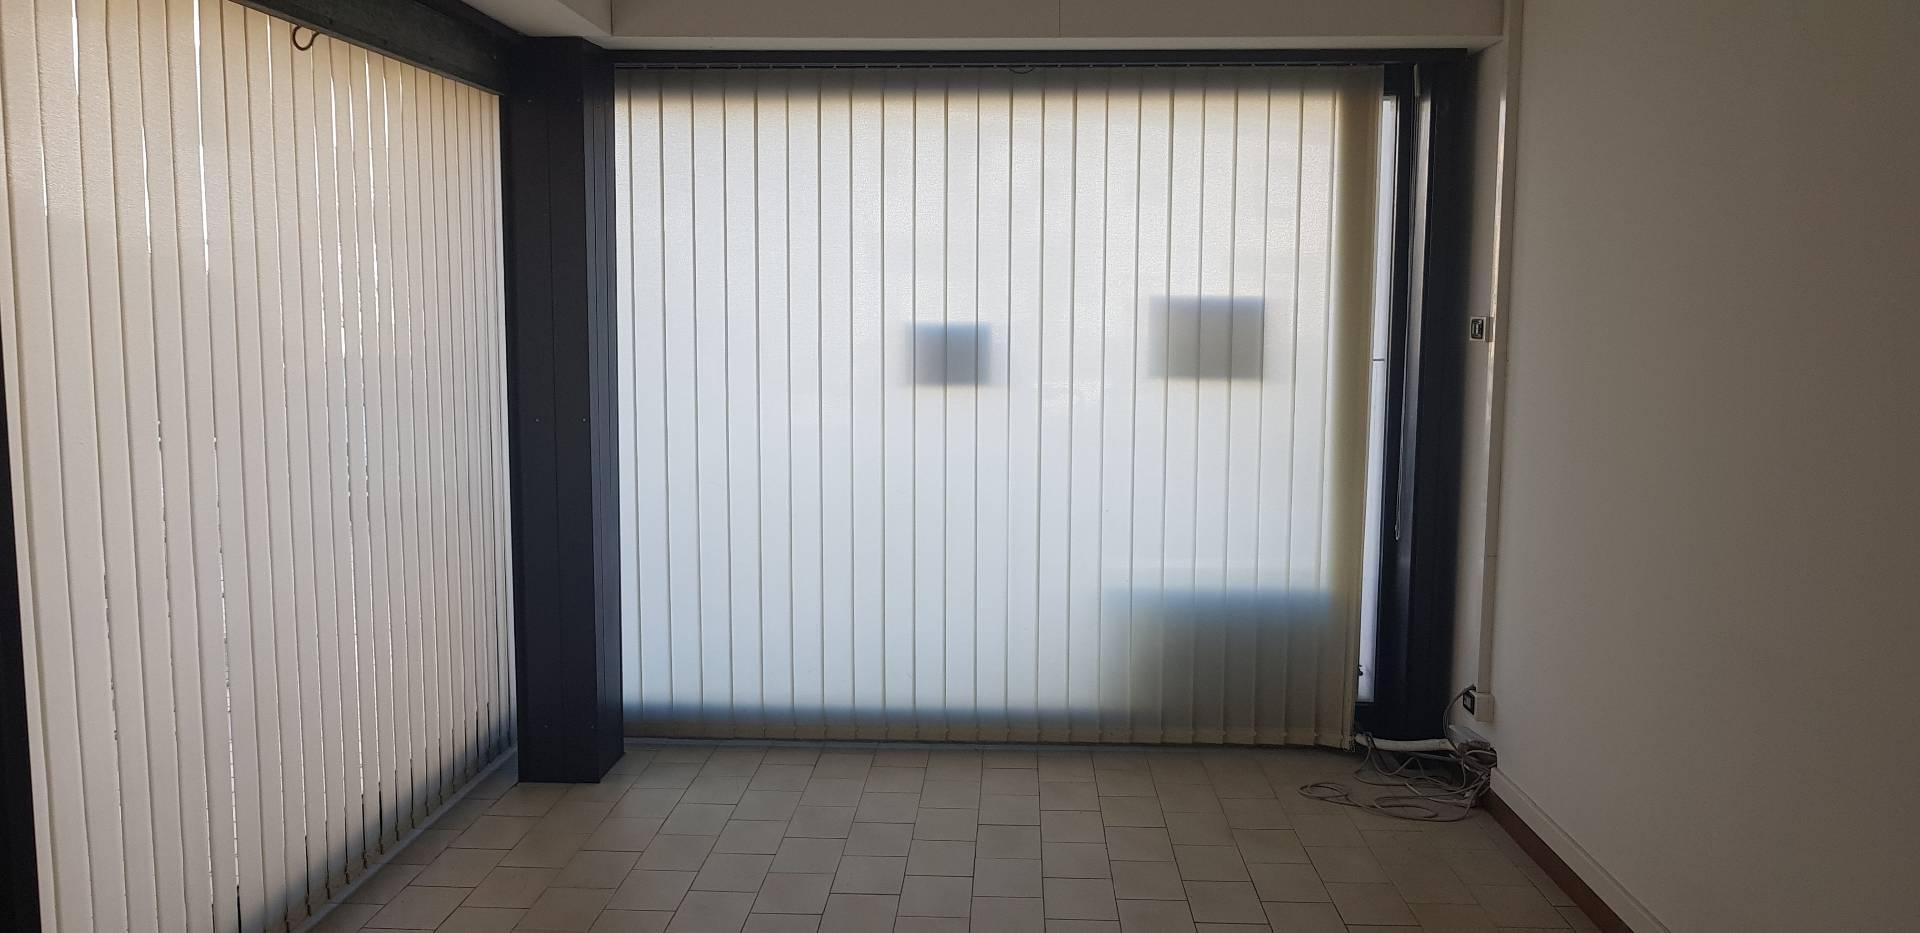 LABORATORIO in Affitto a Sovigliana - Spicchio, Vinci (FIRENZE)